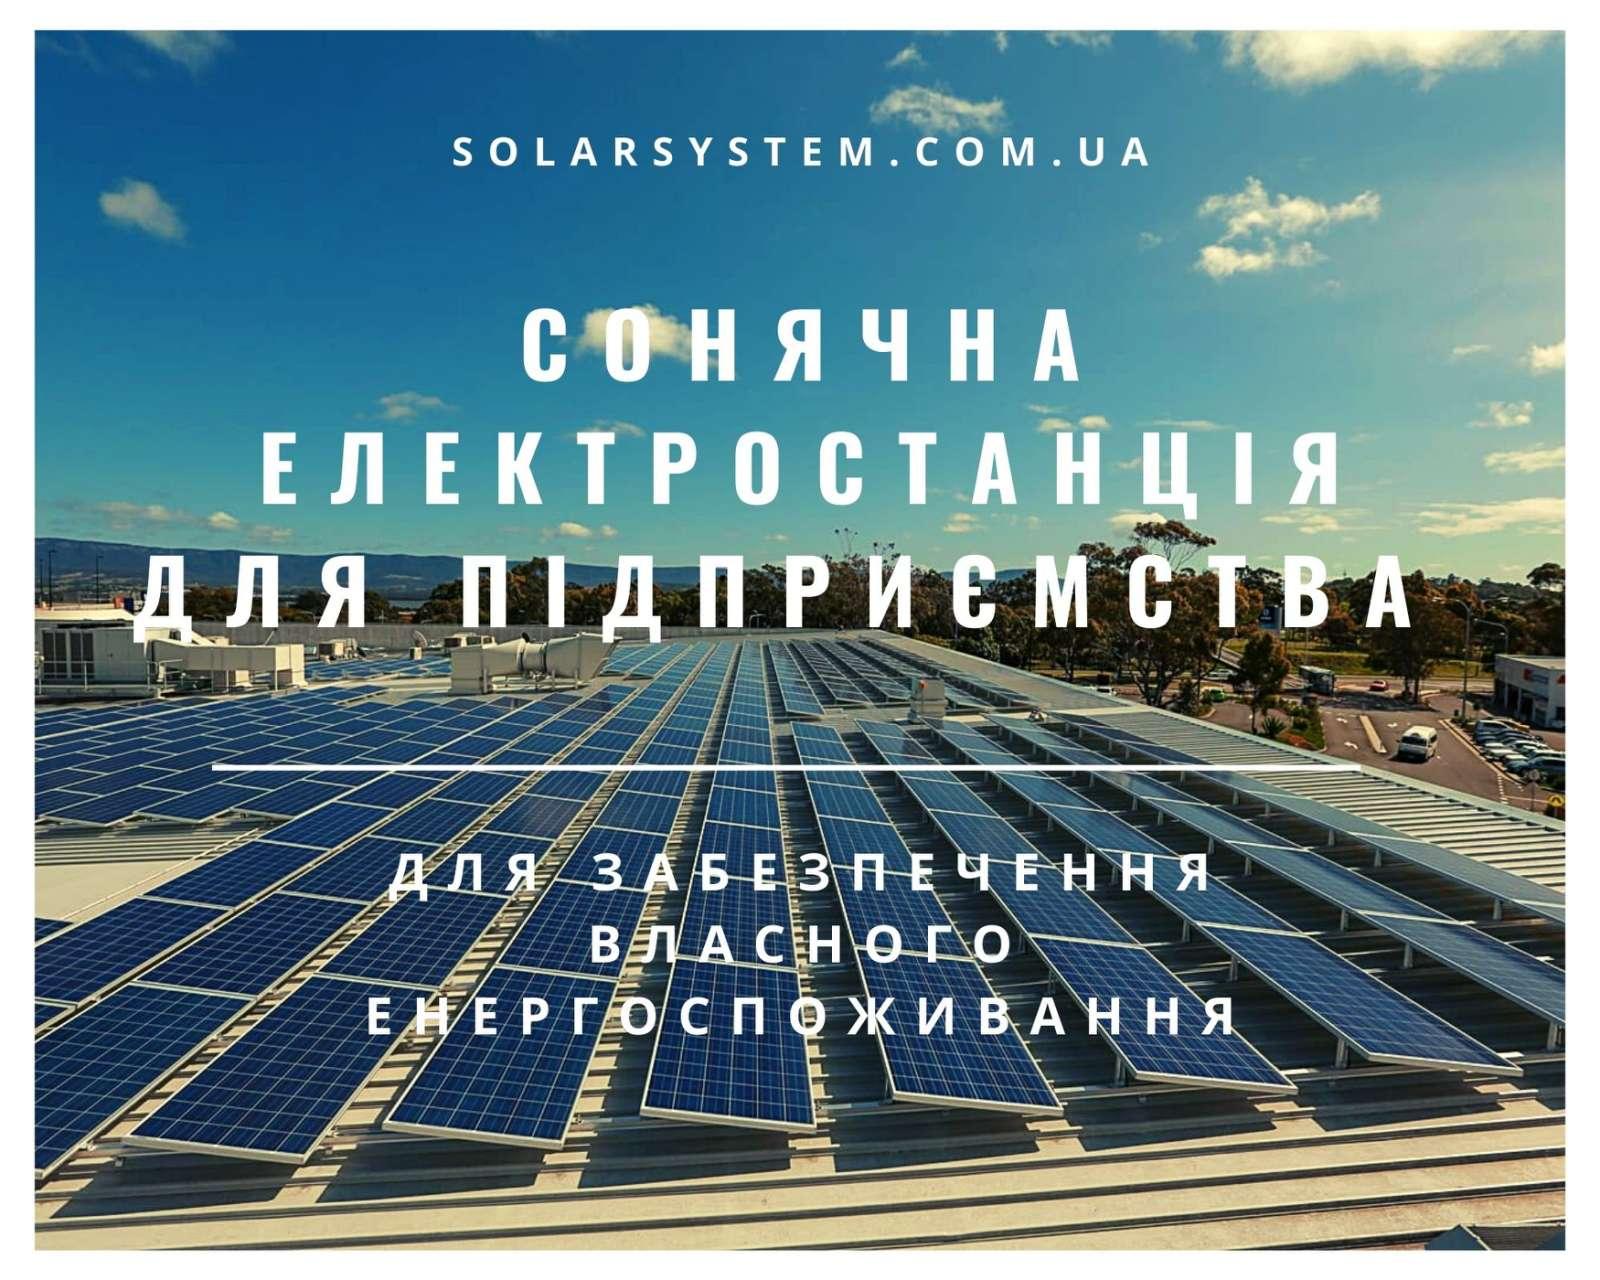 Сонячні електростанції для бізнесу та підприємств для власного споживання